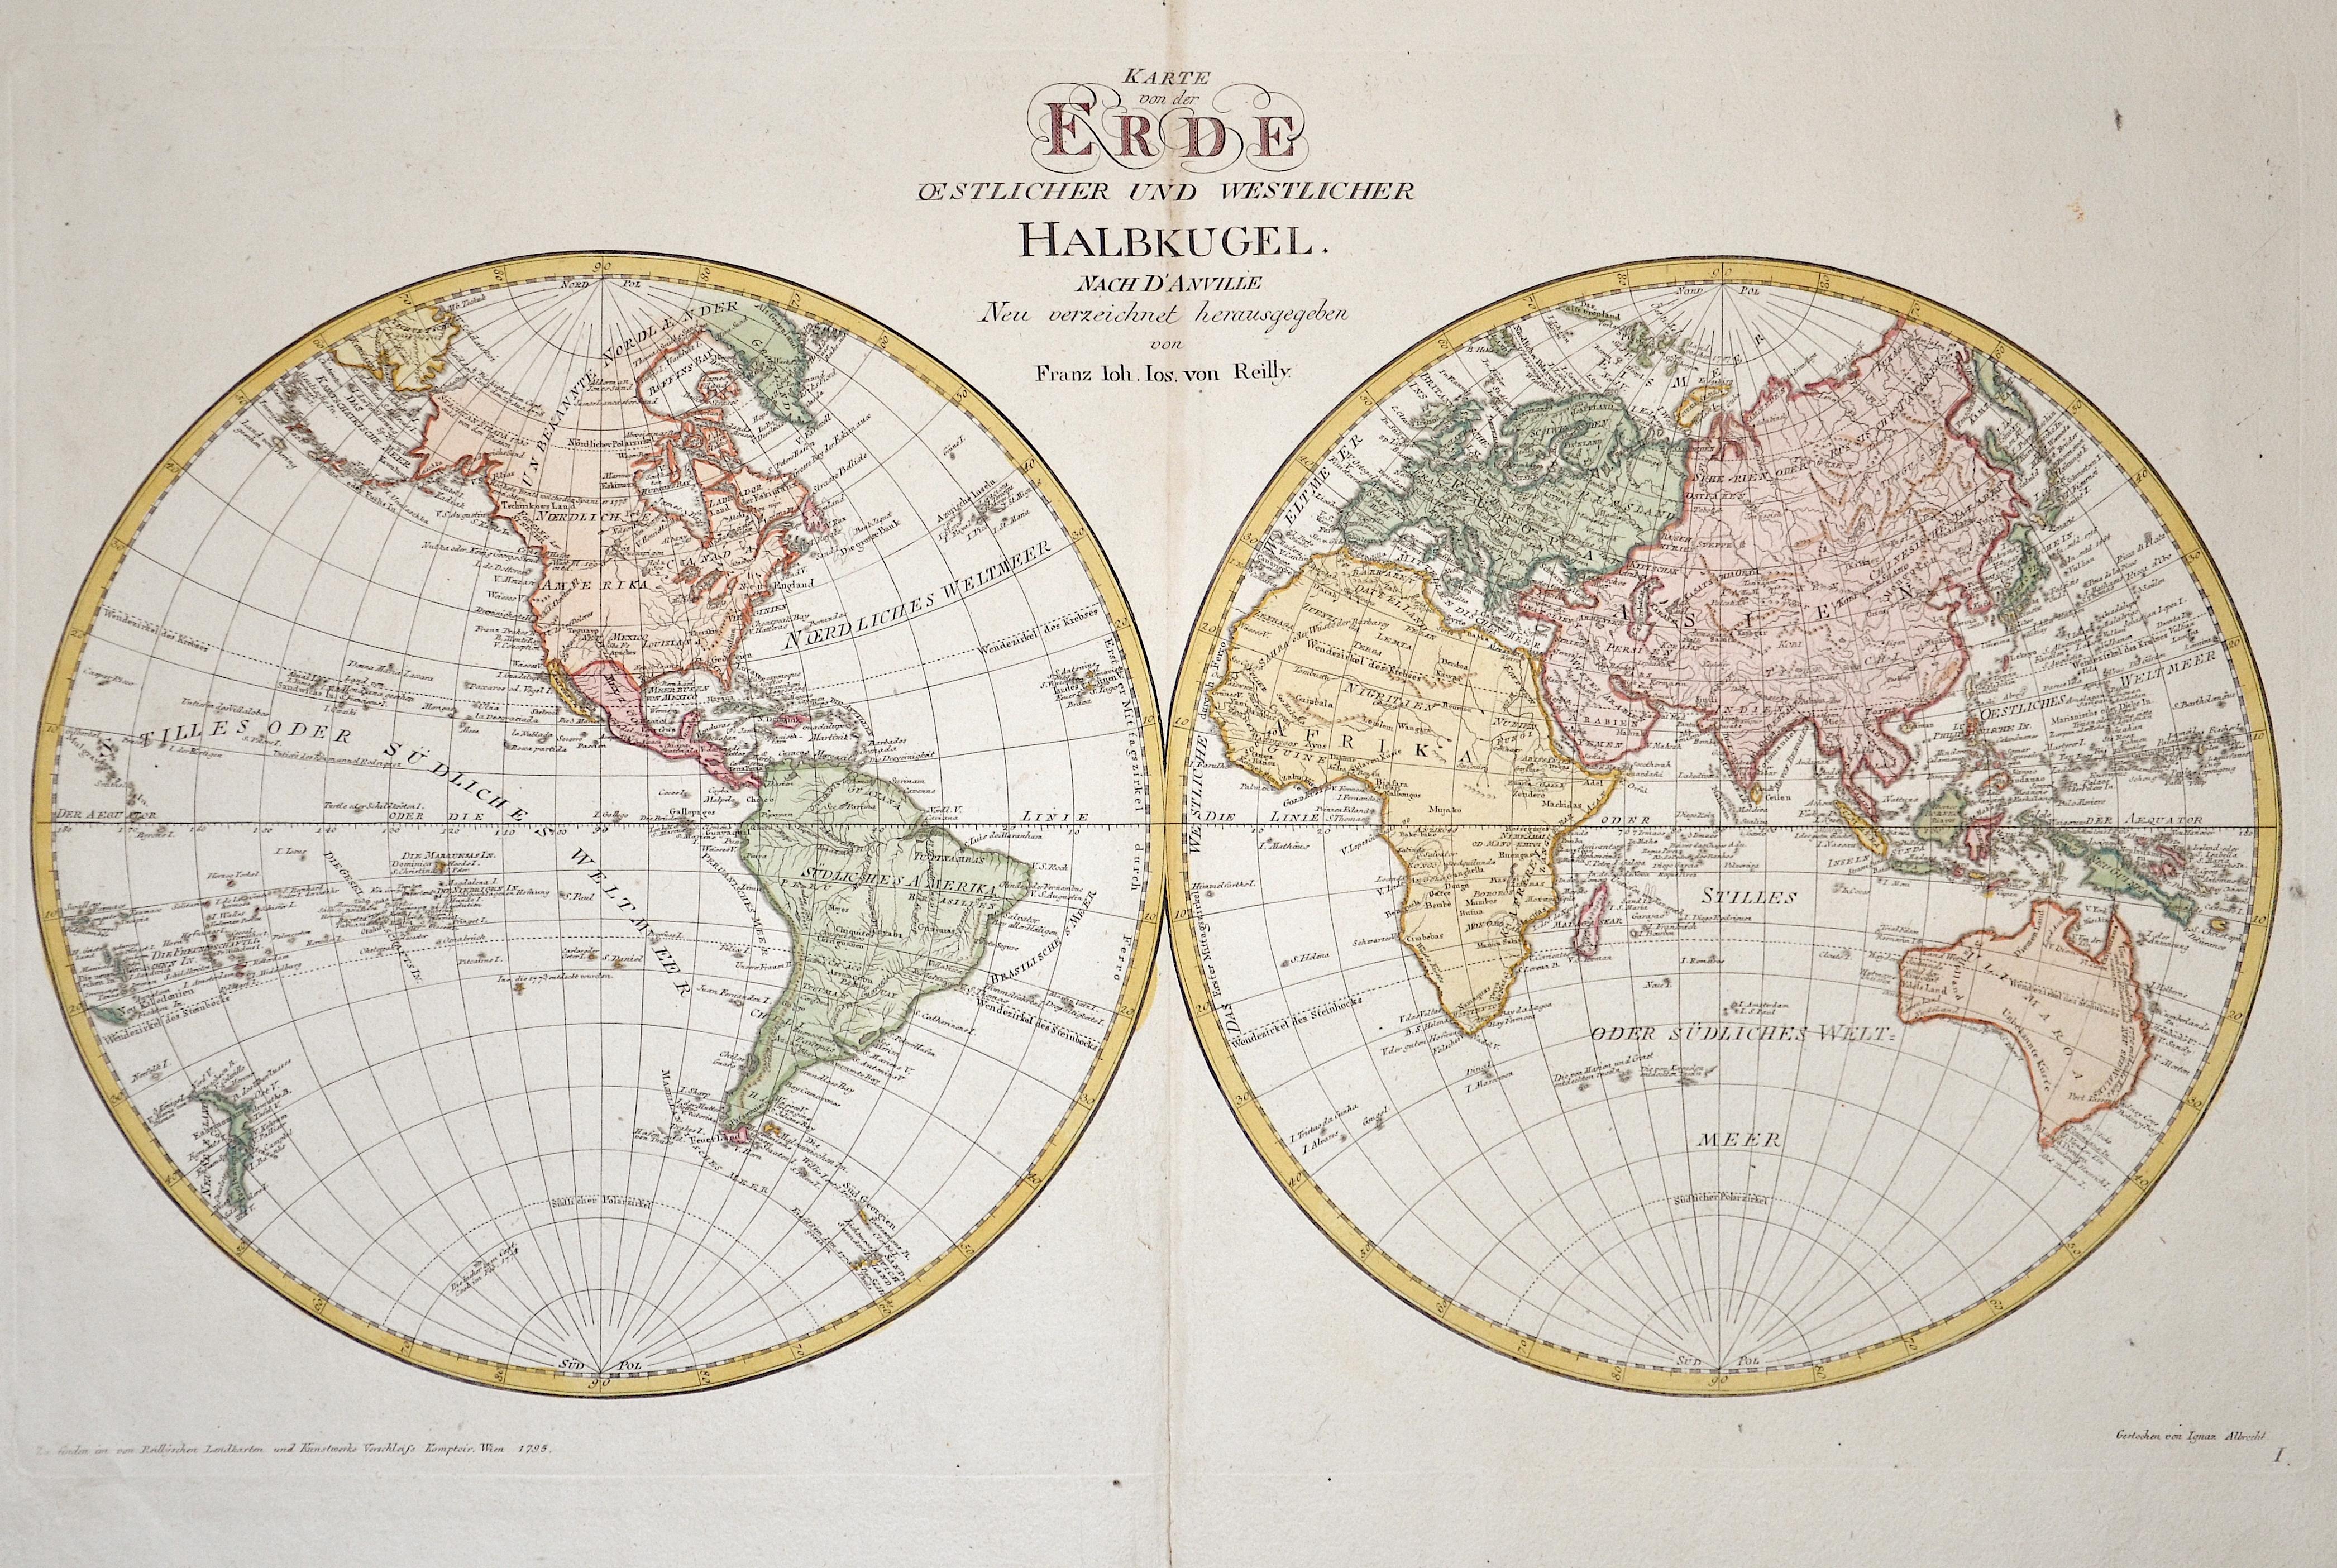 Walch Johann Karte der Erde, nach ihrer oestlich, westlich, noerdlich und südlichen Halbkugel, aus den zuverlässigsten u. neuesten Nachrichten entworfen 1803.